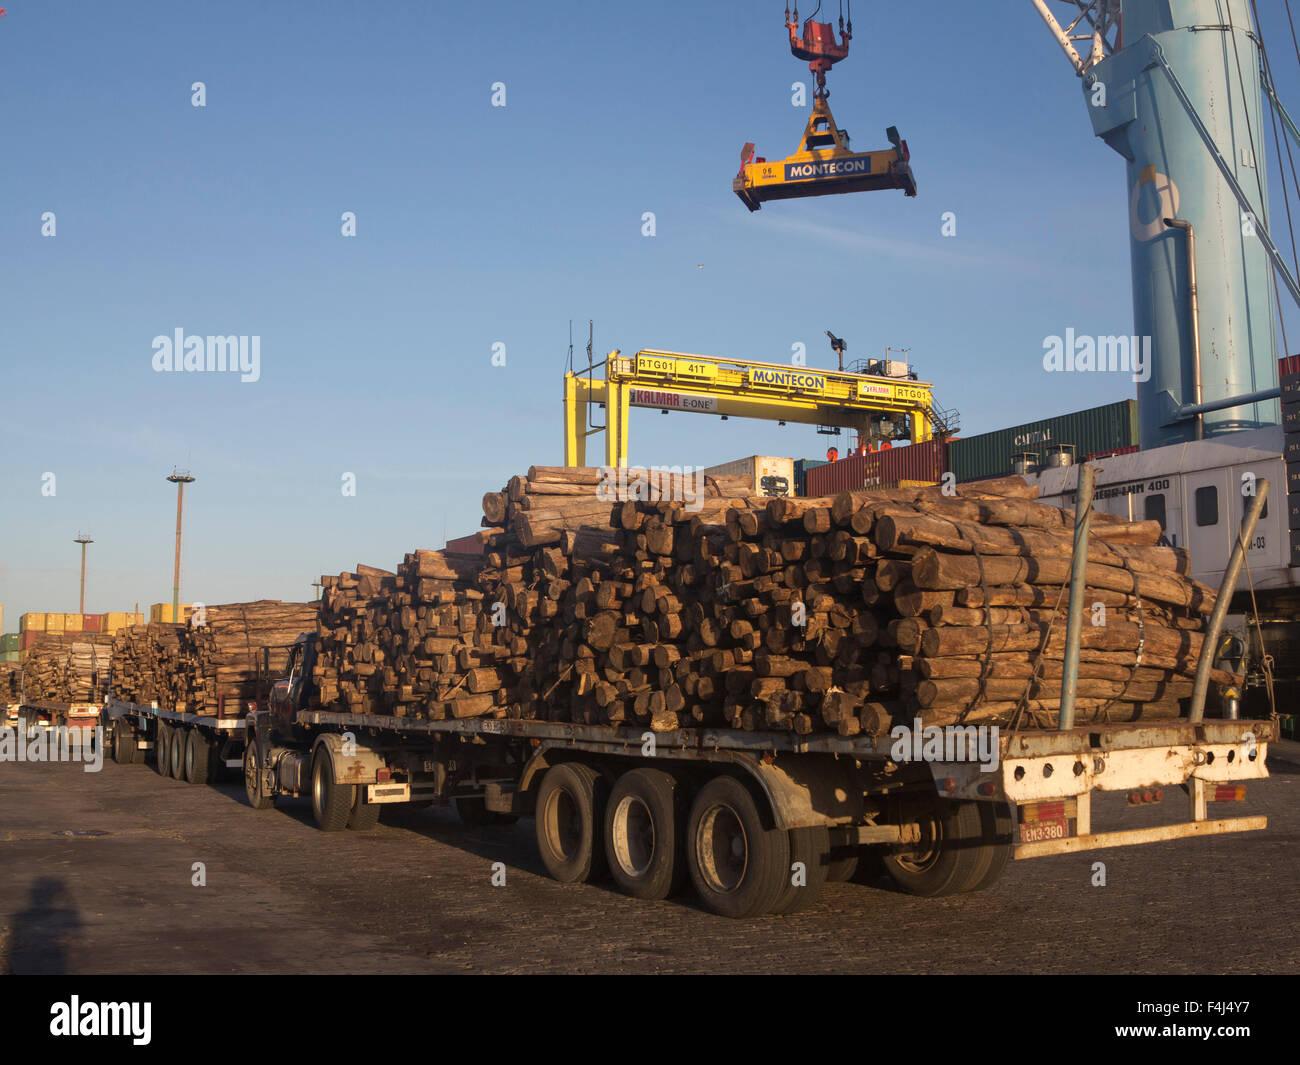 Chargement de bois à des fins d'exportation au port de Montevideo, Uruguay, Amérique du Sud Photo Stock